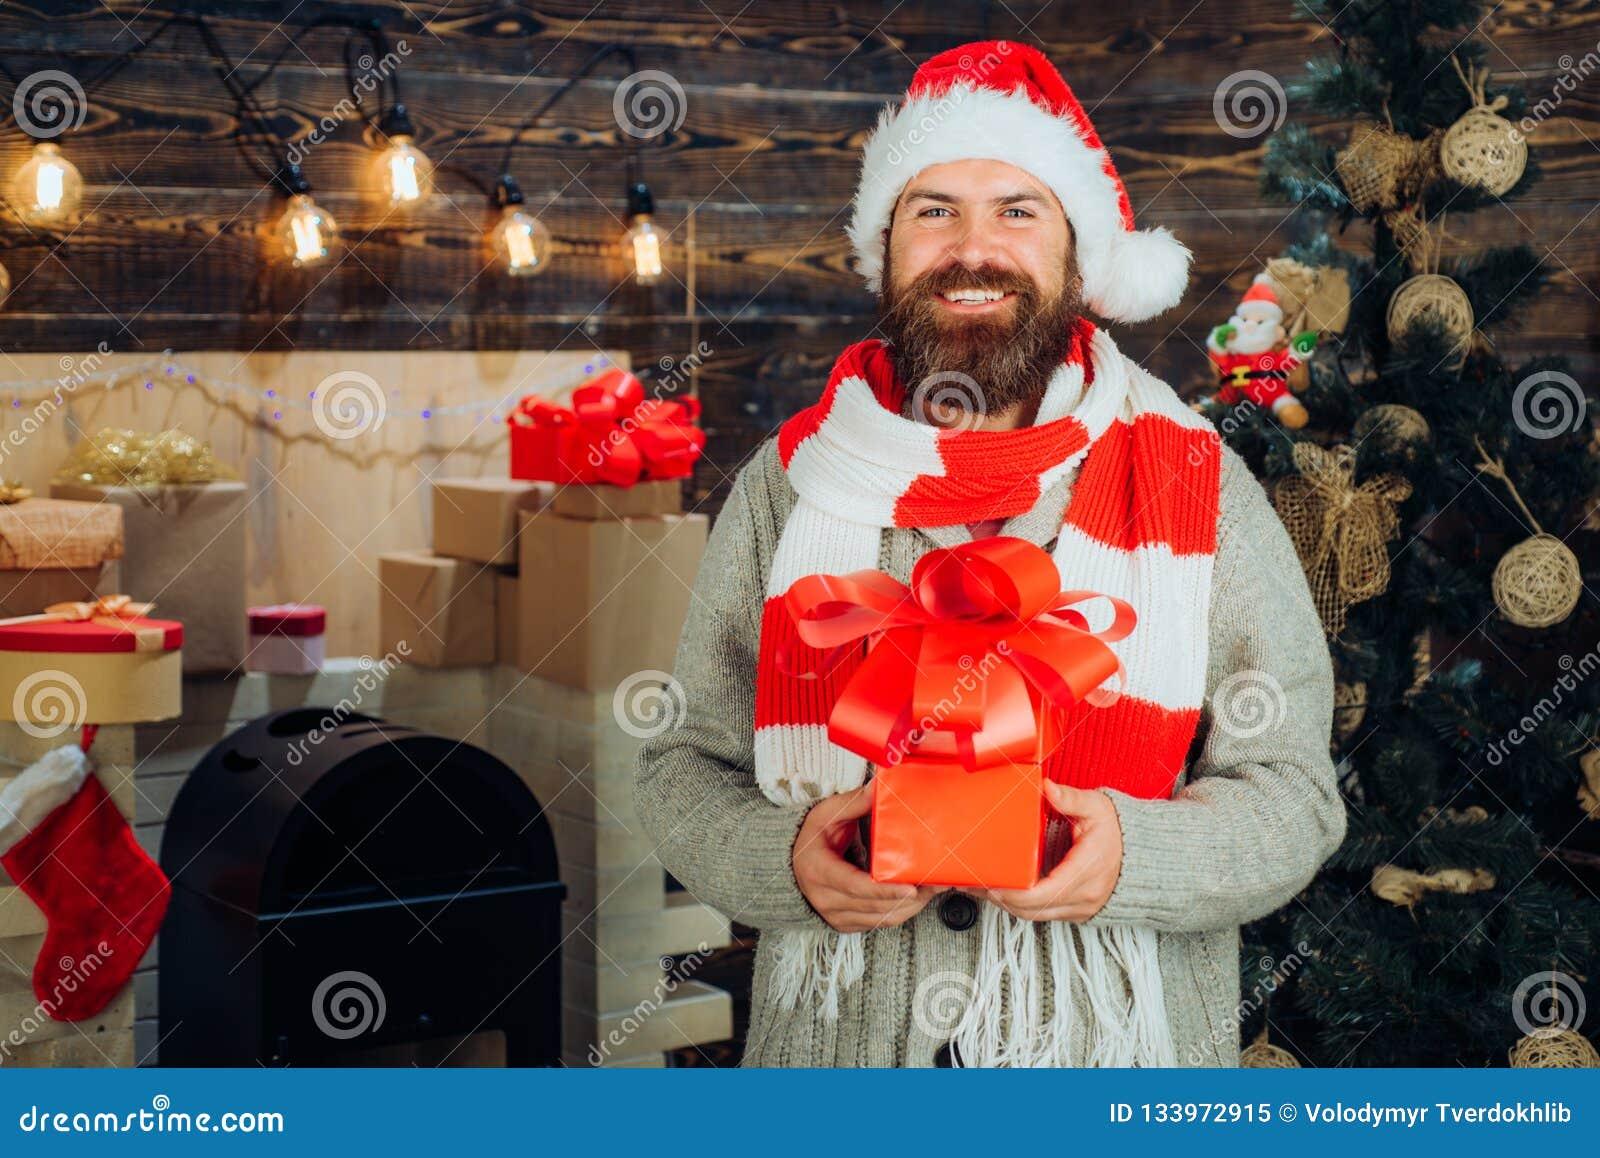 Decoración casera de la Navidad y fondo del Año Nuevo Santa moderno desea Feliz Navidad y Feliz Año Nuevo Papá Noel _2